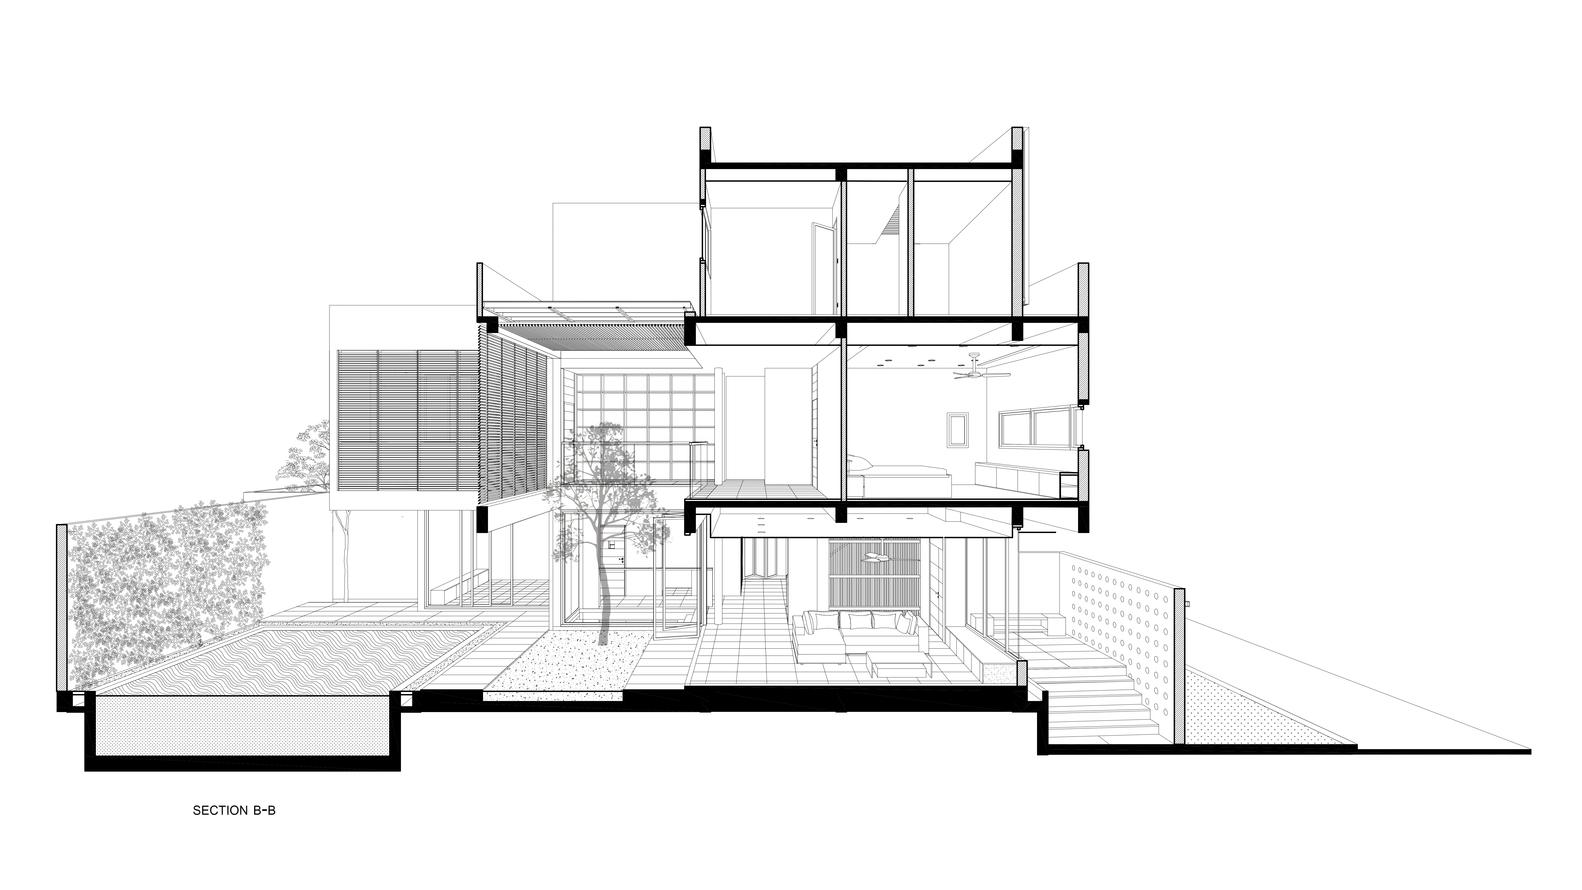 Bố trí mặt bằng - Biệt thự eden villa - 2